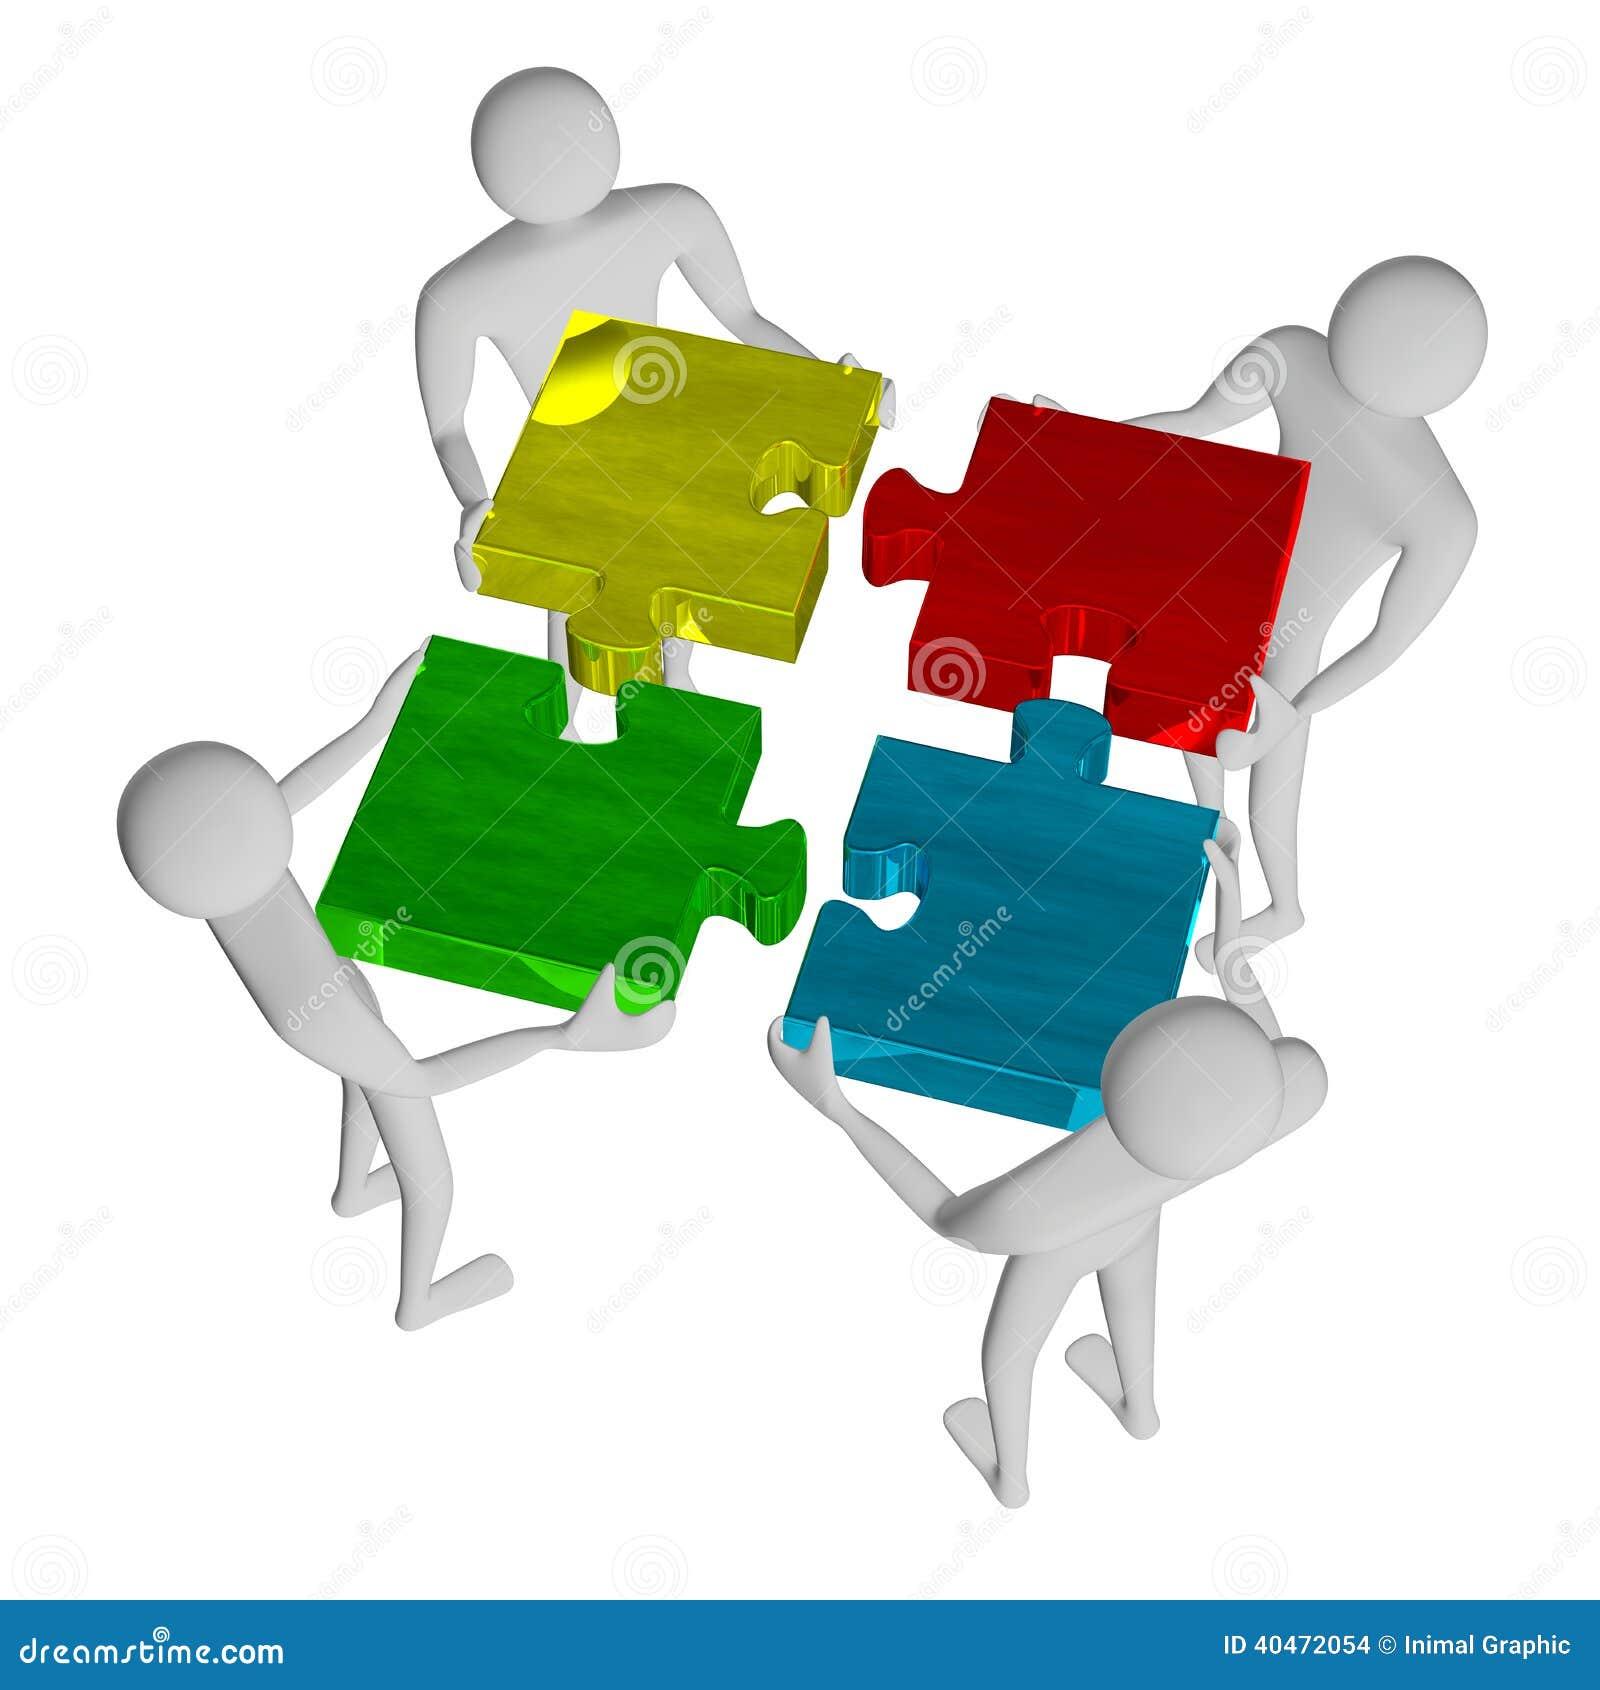 3d people assembling multicolor puzzle